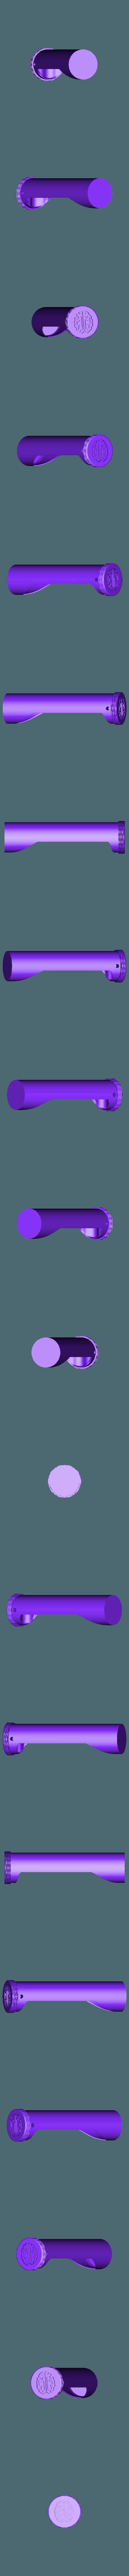 inner.stl Télécharger fichier STL gratuit Étui à crayons avec un twist • Objet pour imprimante 3D, MakerMind